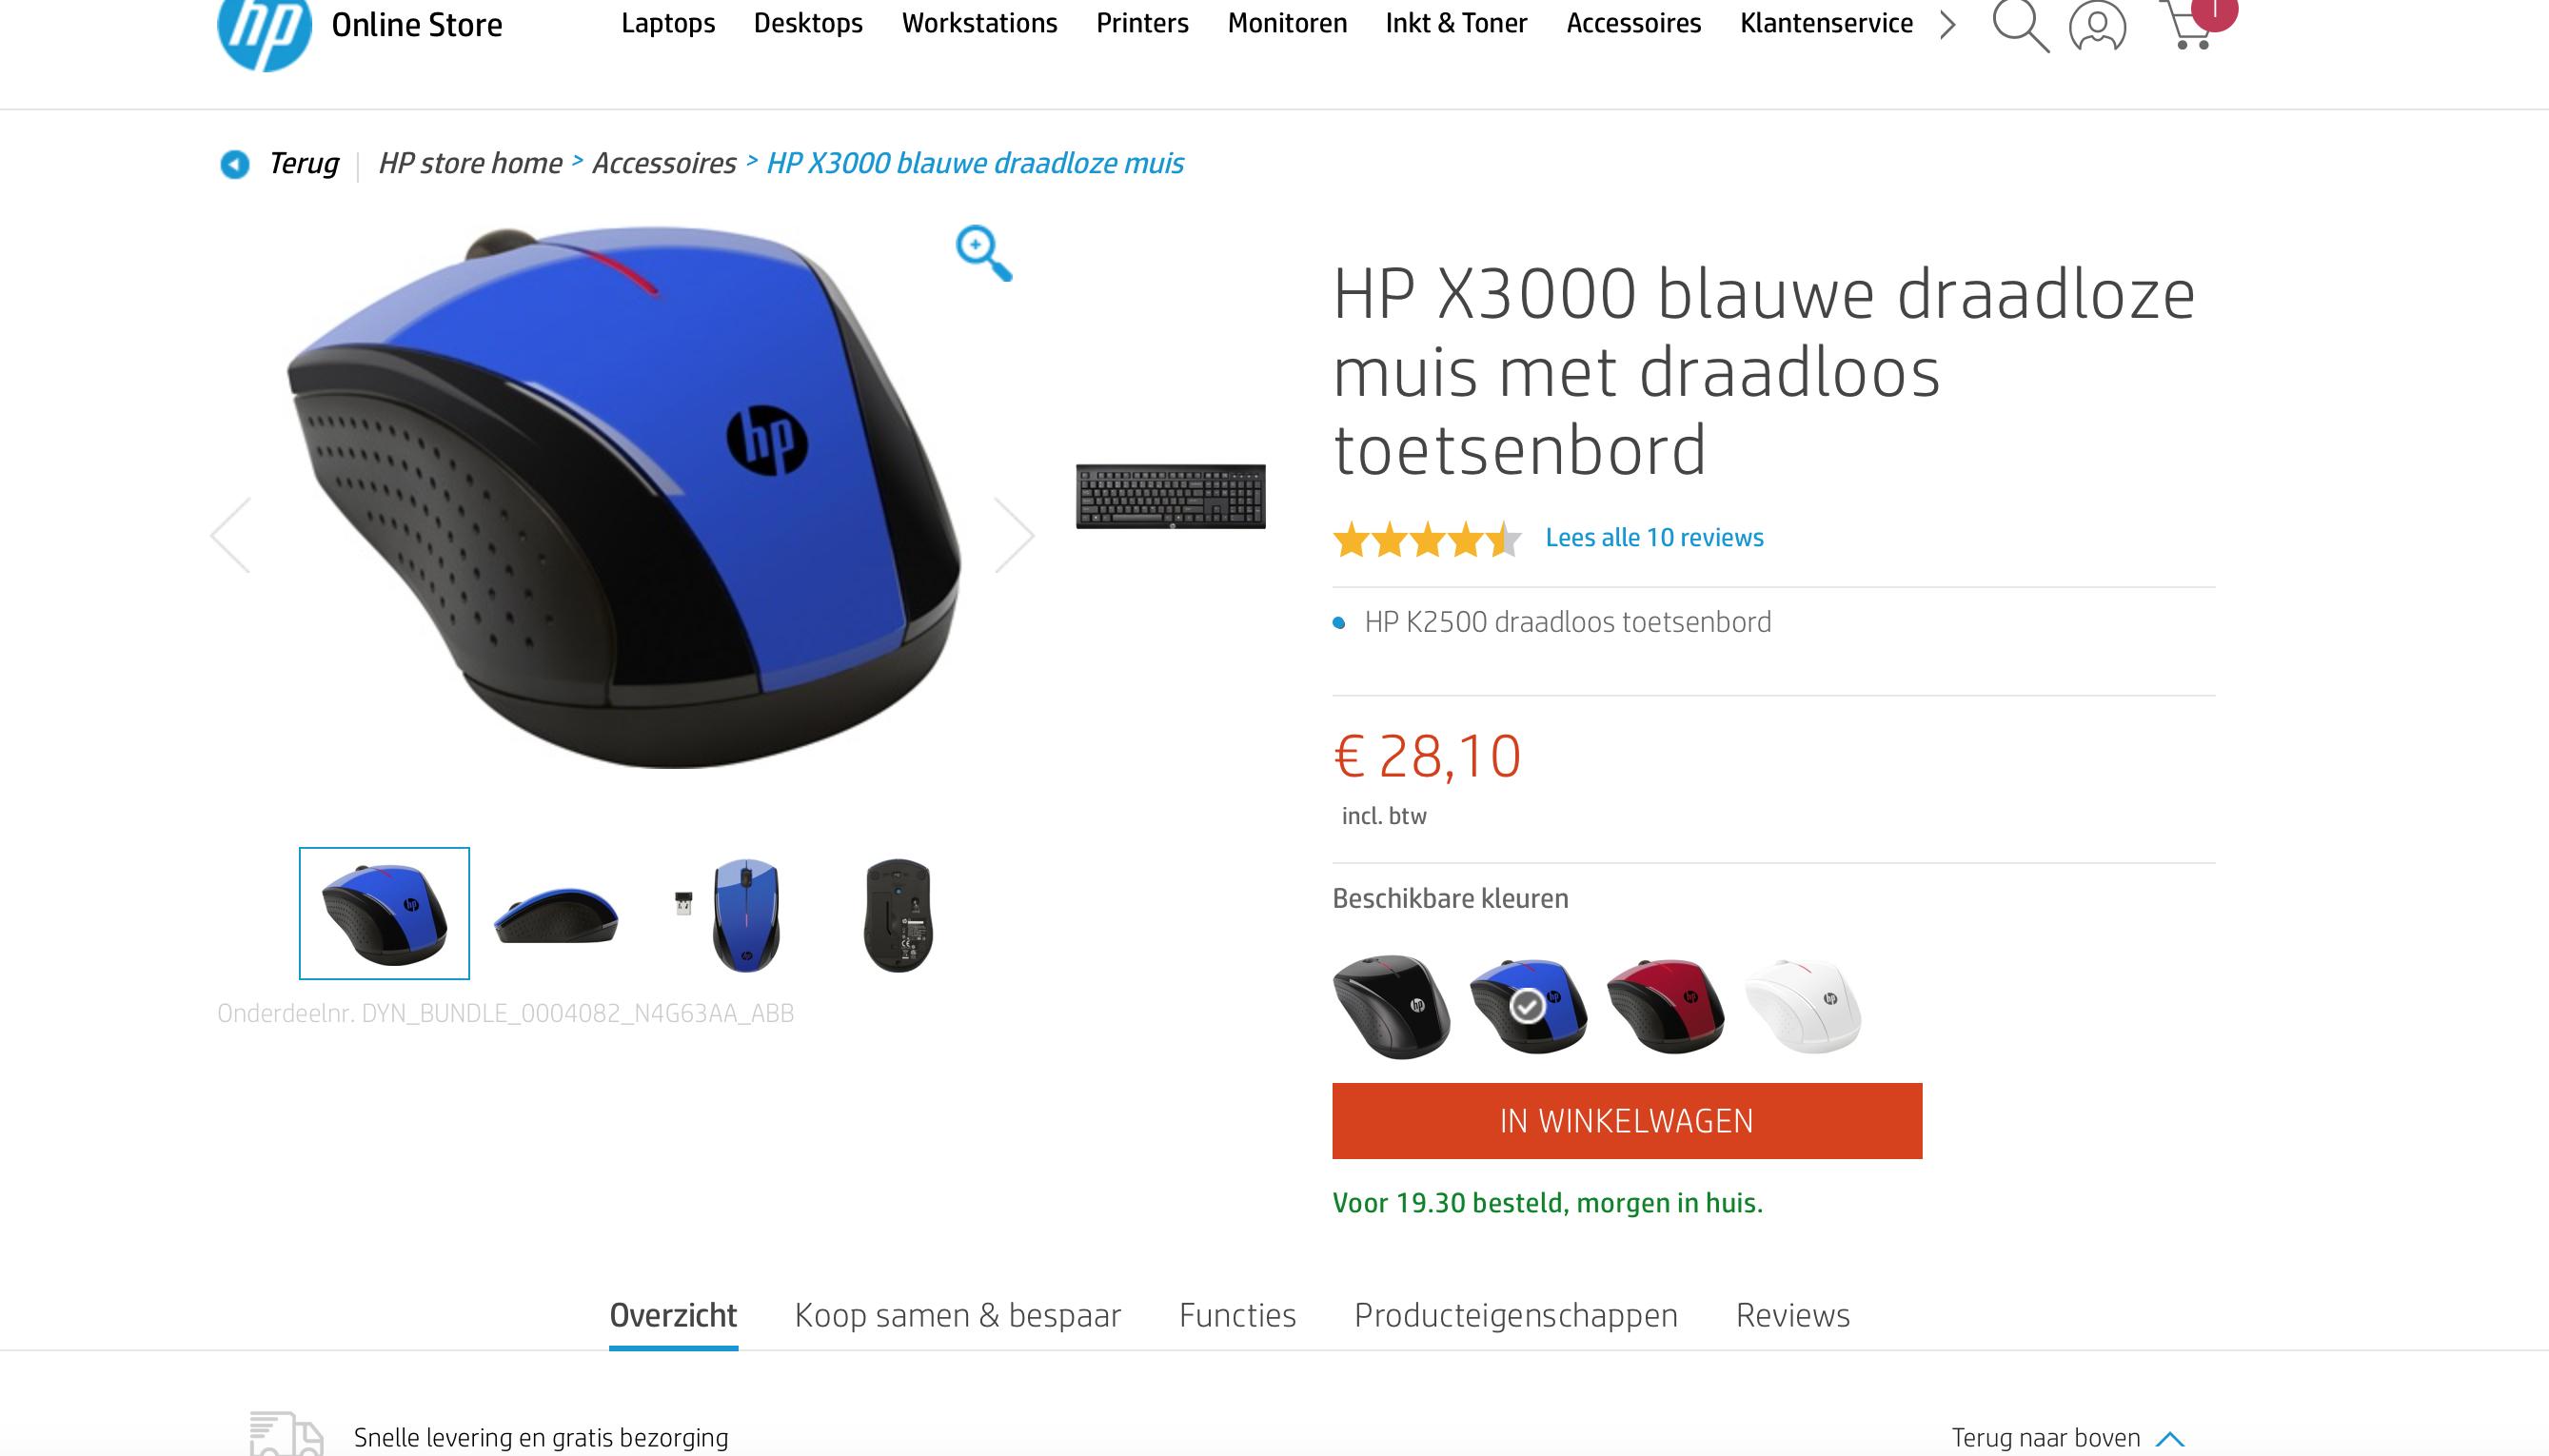 HP X3000 blauwe draadloze muis met draadloos toetsenbord @ HP Store